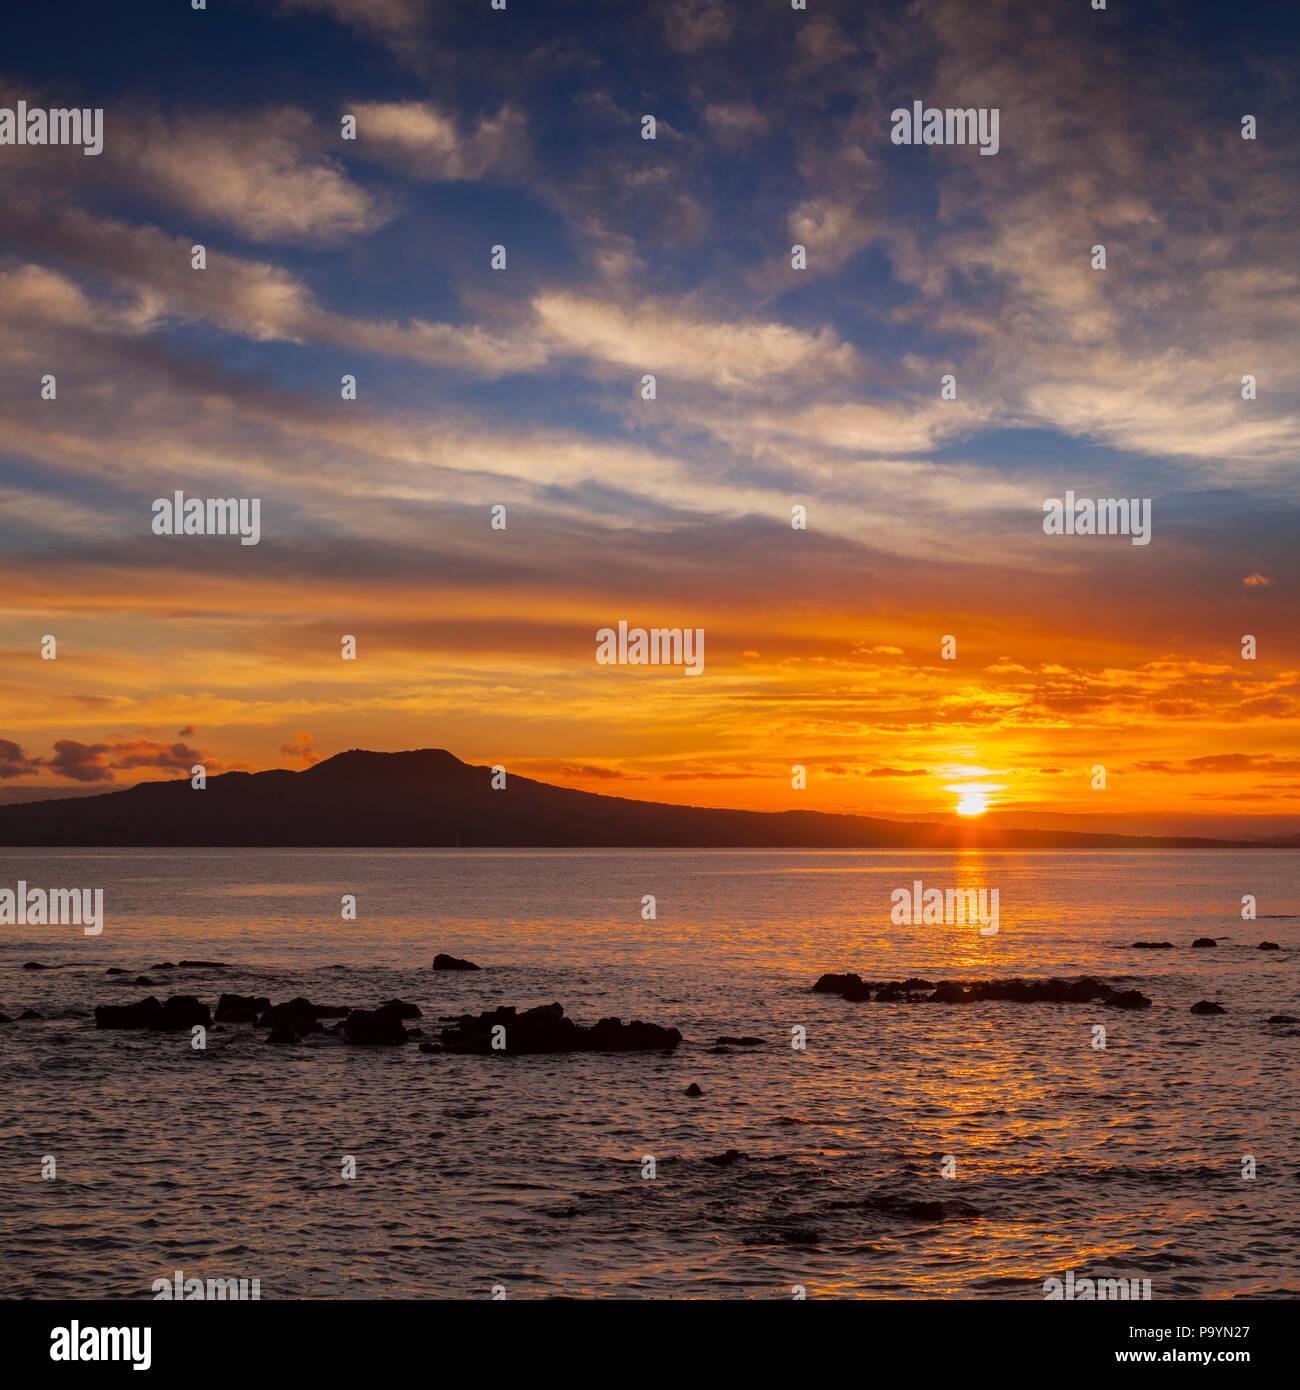 La isla Rangitoto al amanecer, Auckland, Nueva Zelanda. Imagen De Stock